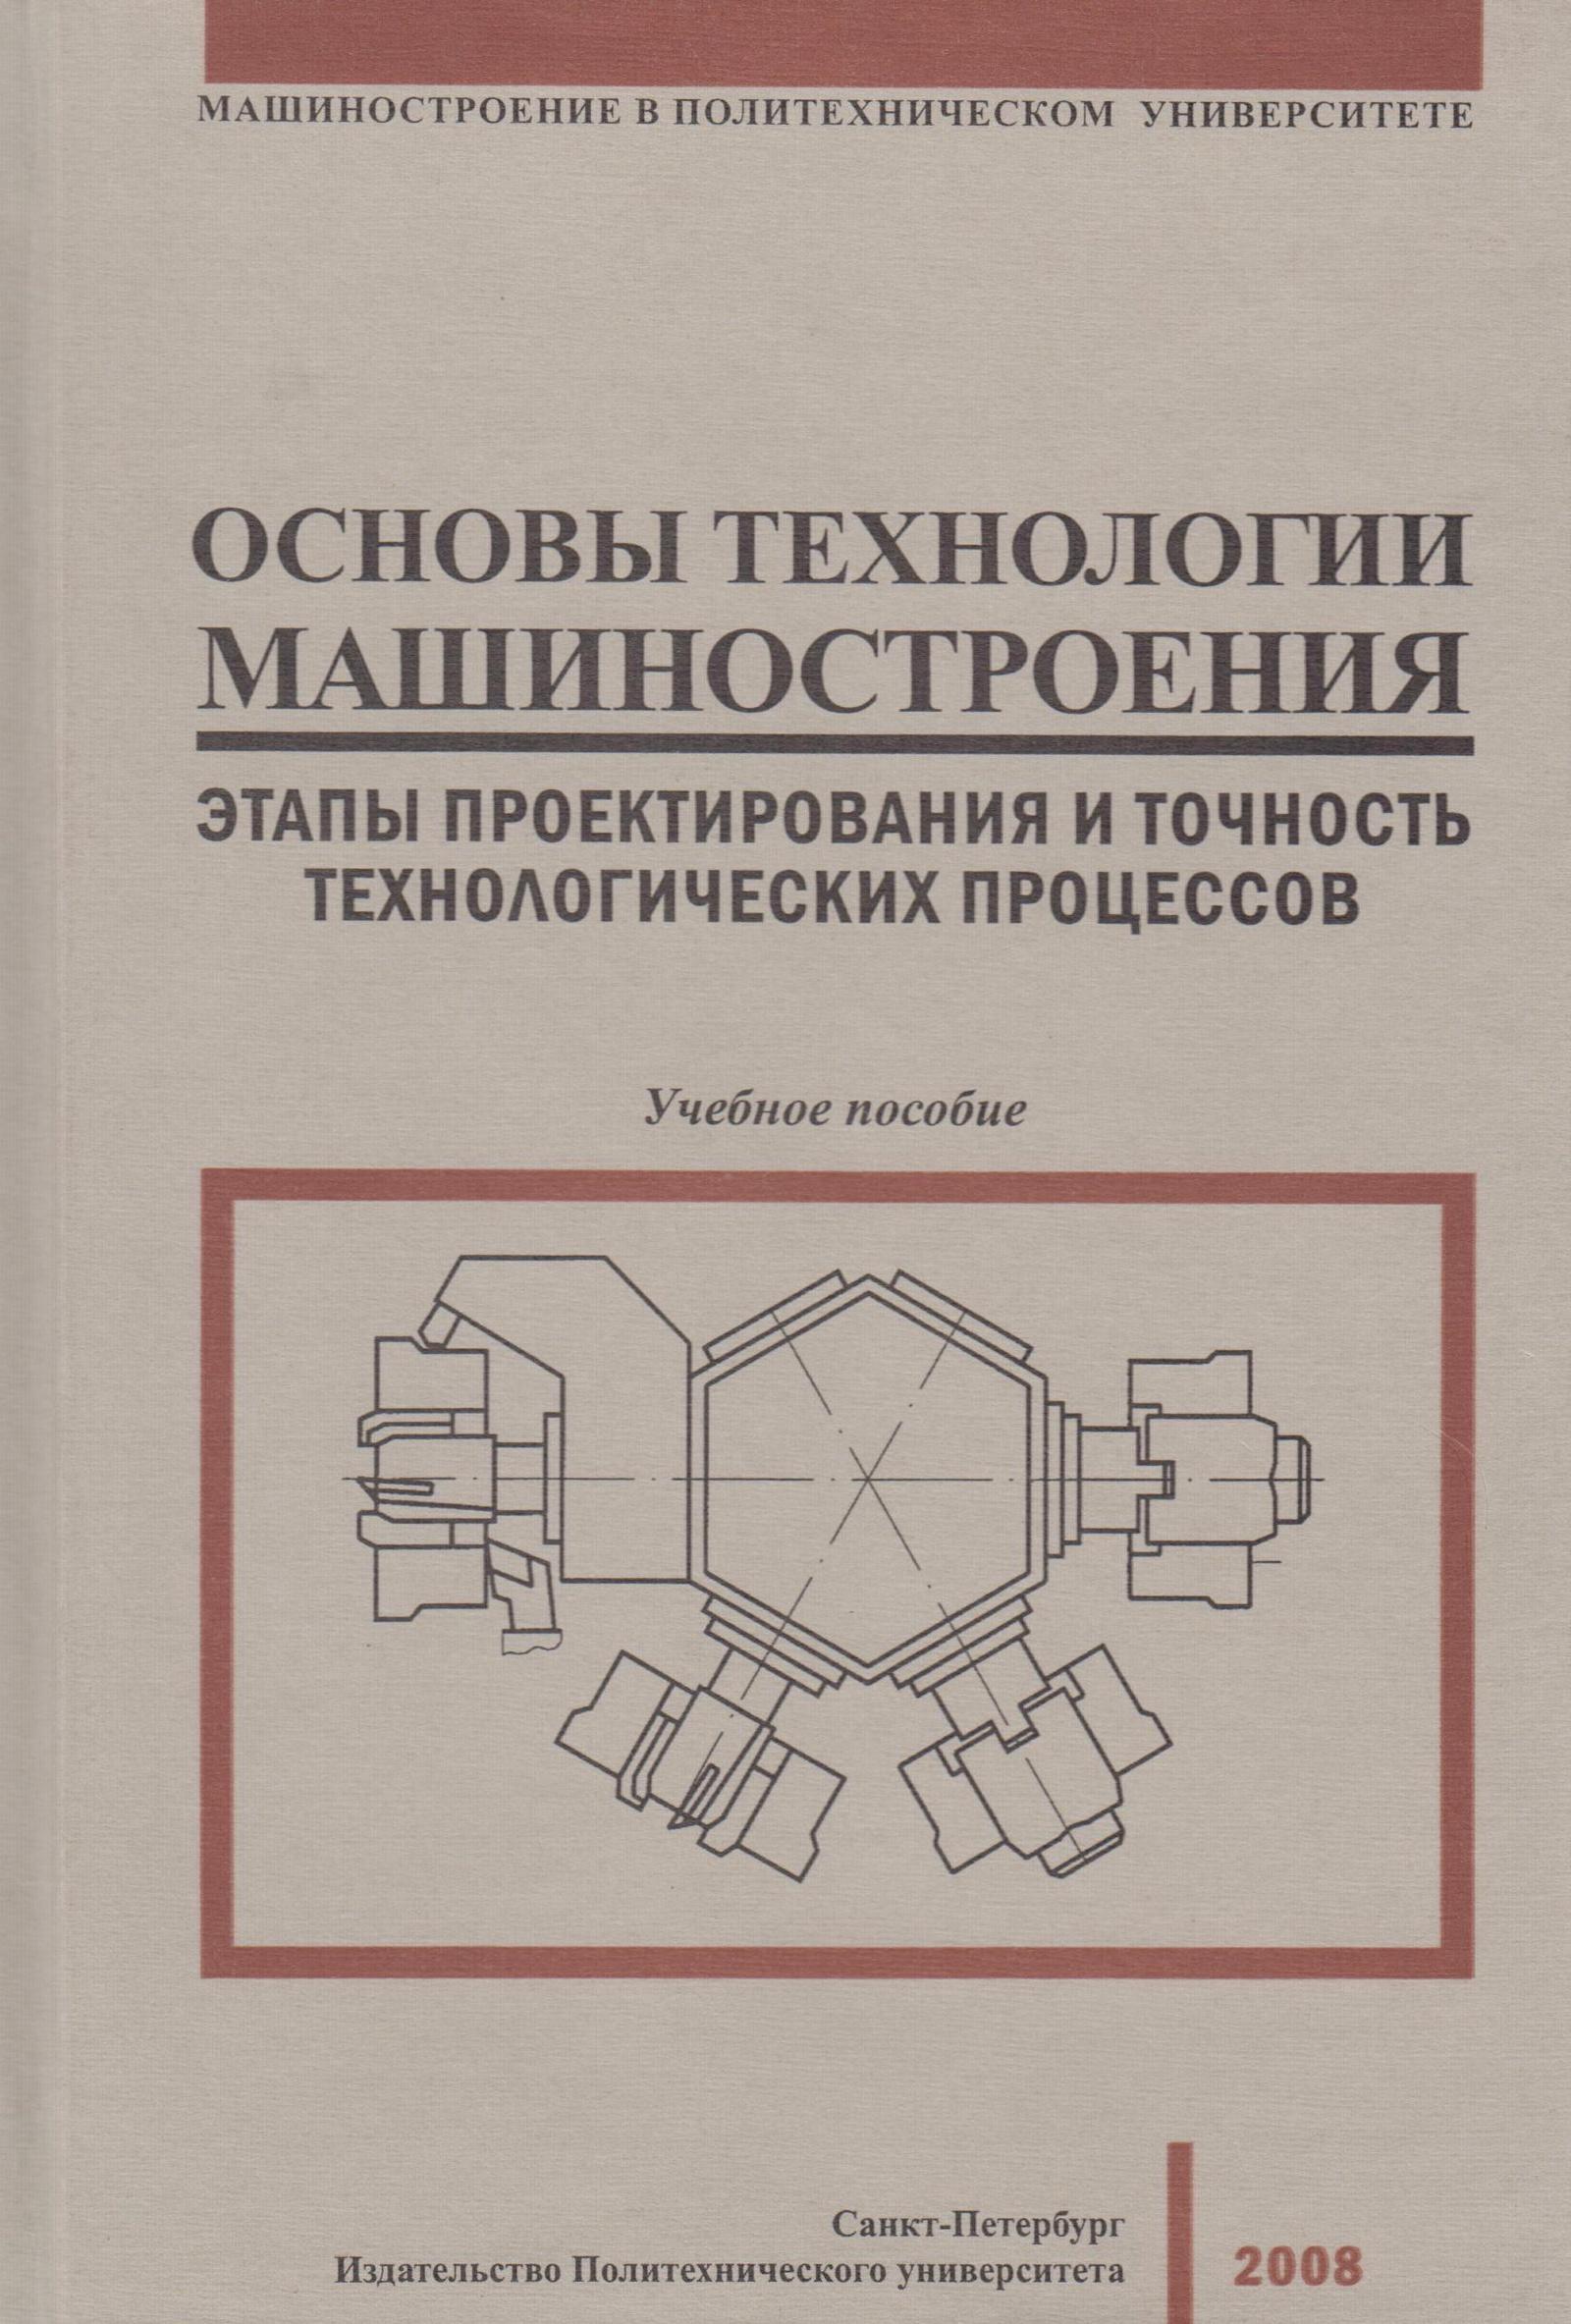 Жуков Эдуард Леонидович Основы технологии машиностроения. Этапы проектирования и точность технологических процессов